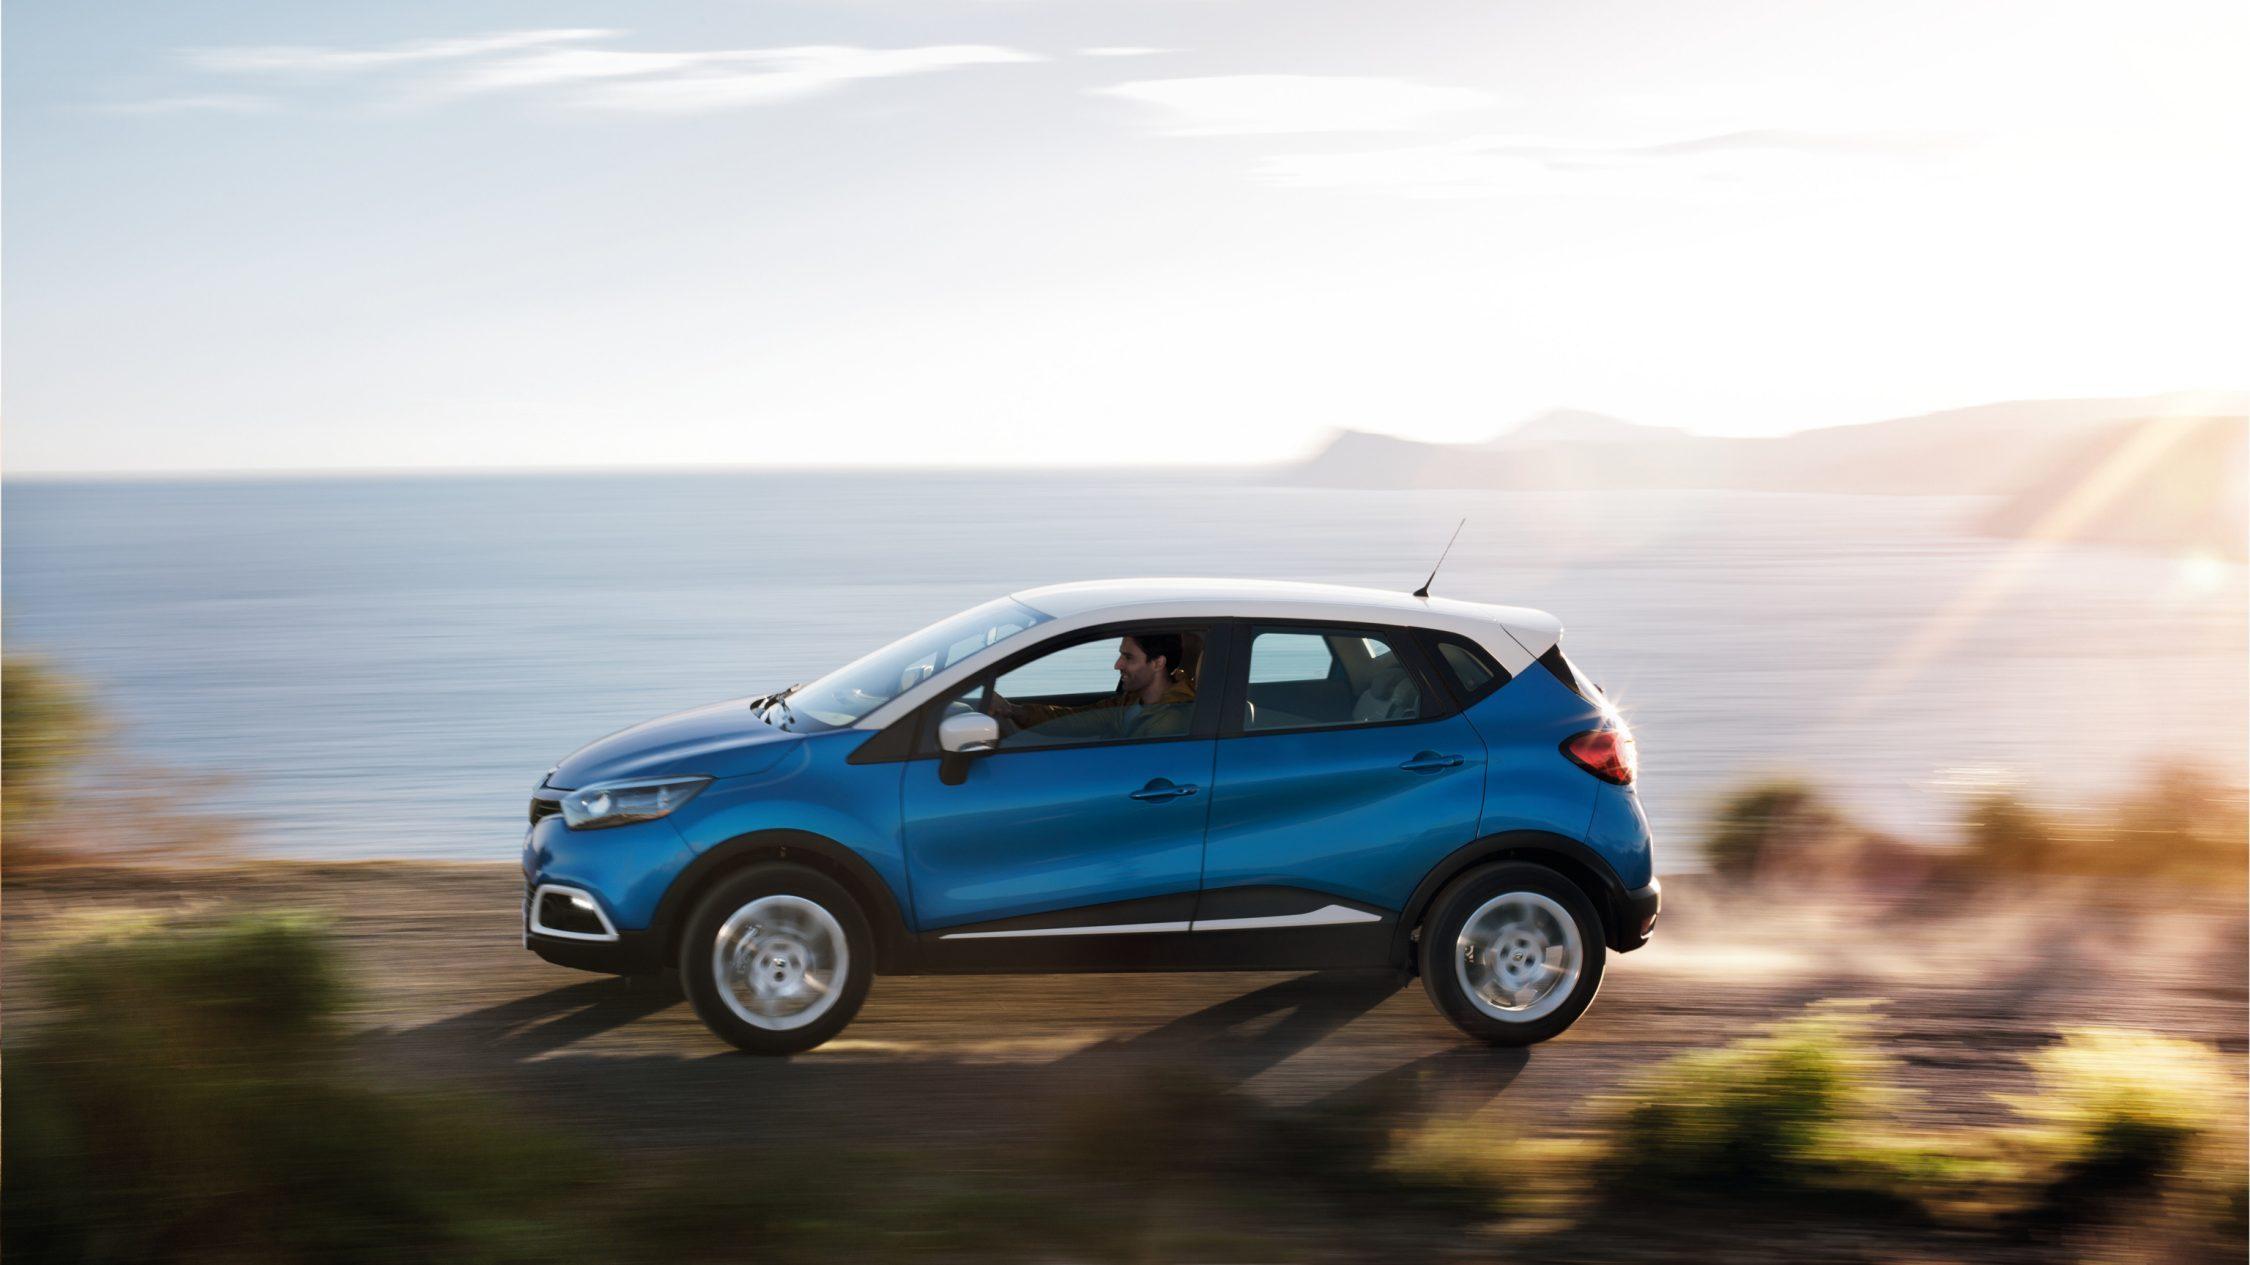 Blå Renault Captur kjører langs kysten